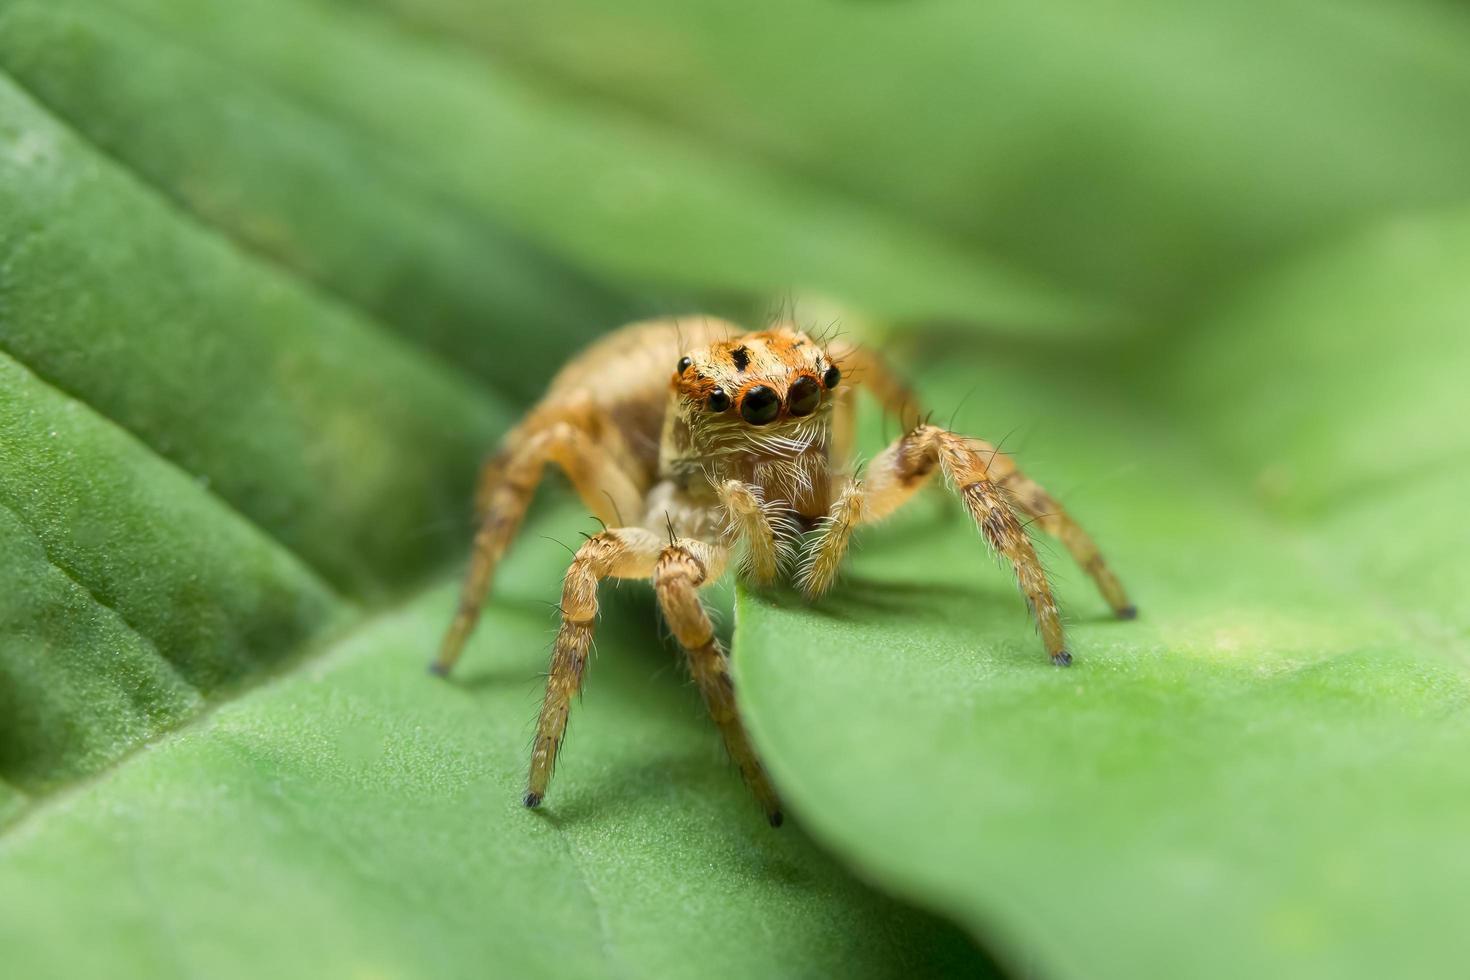 braune Spinne auf grünem Blatt foto